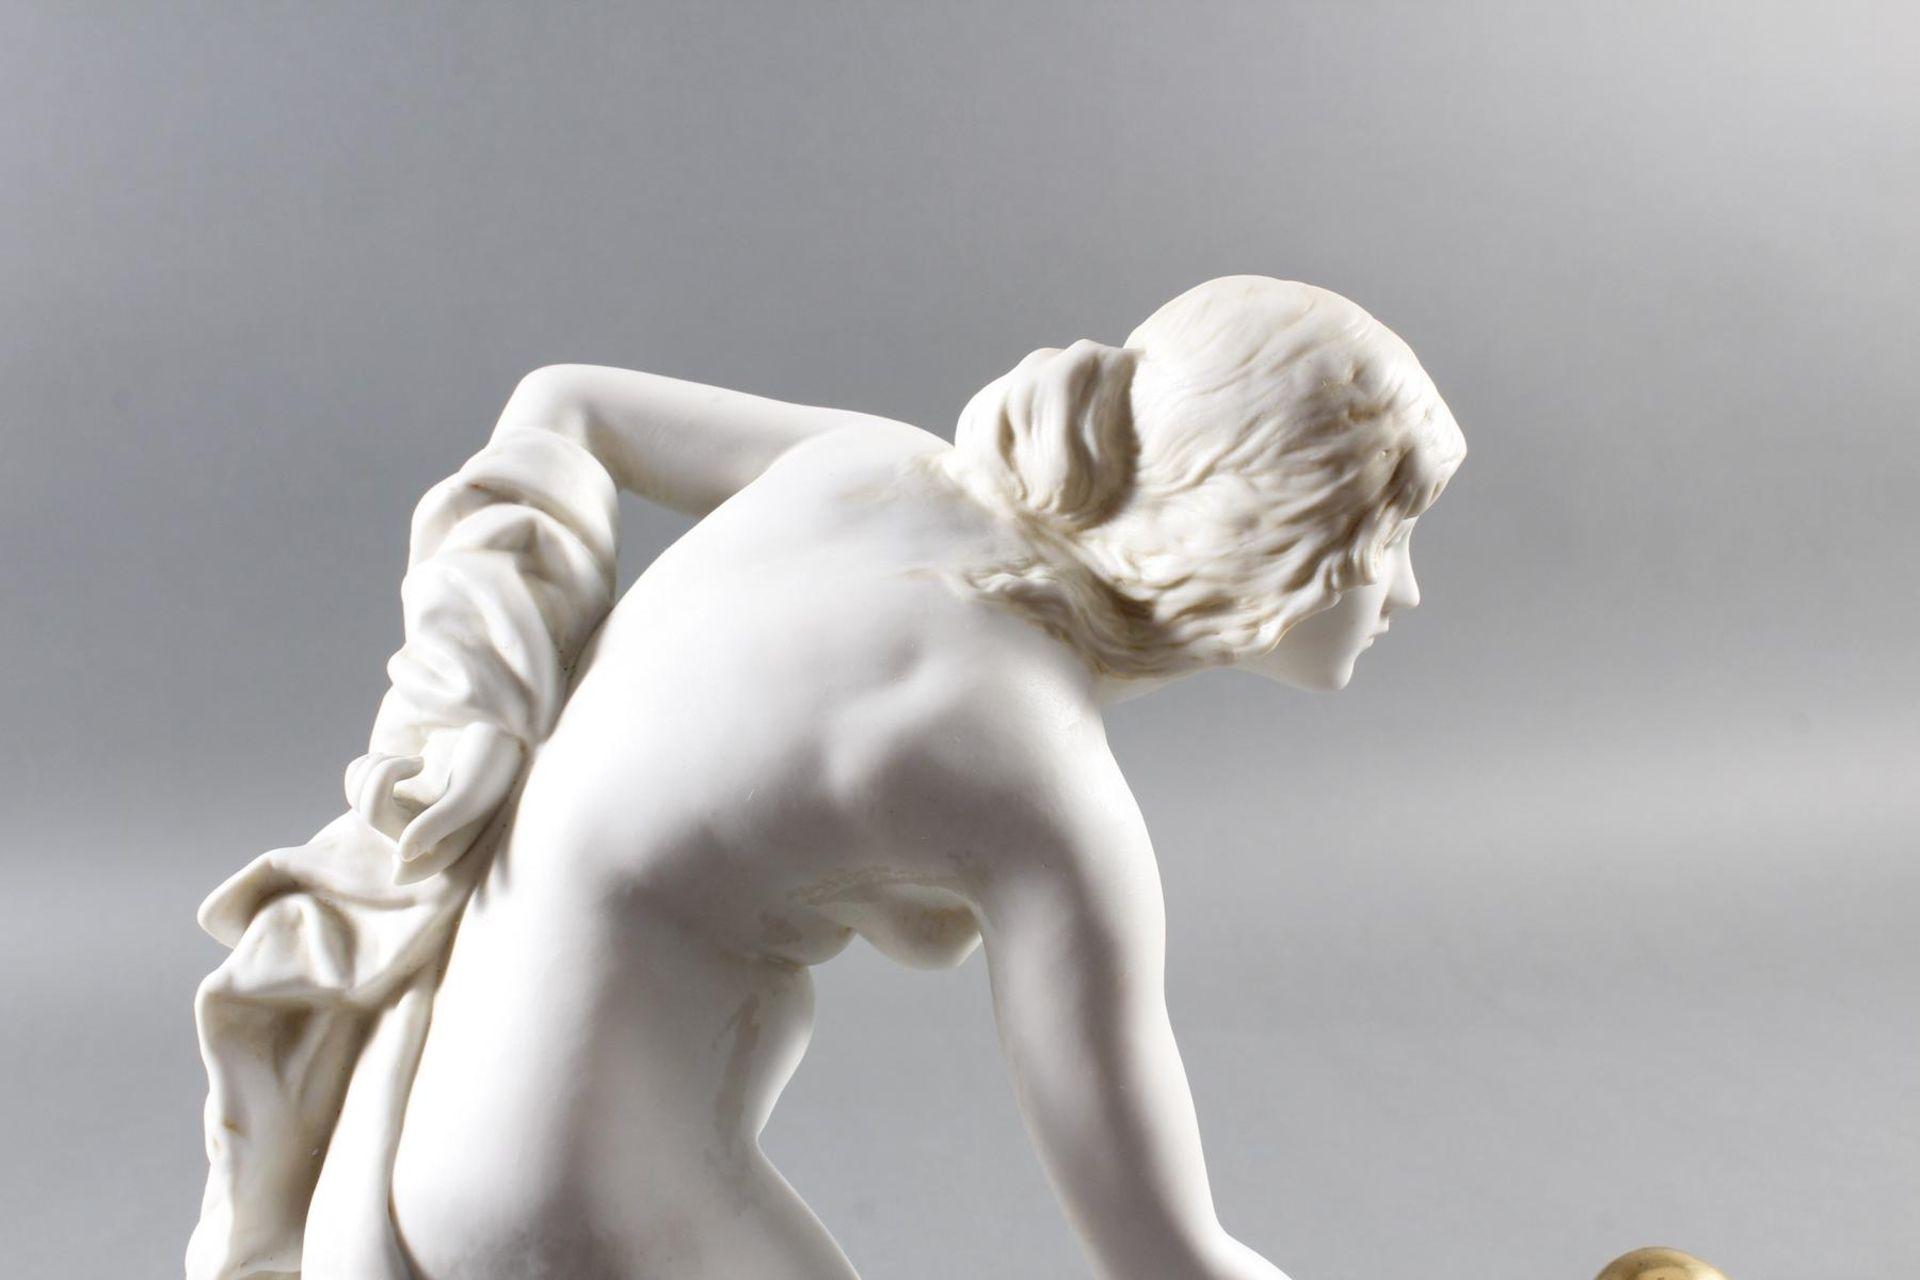 Porzellanskulptur, Kugelspielerin, Scheibe-Alsbach - Bild 10 aus 15